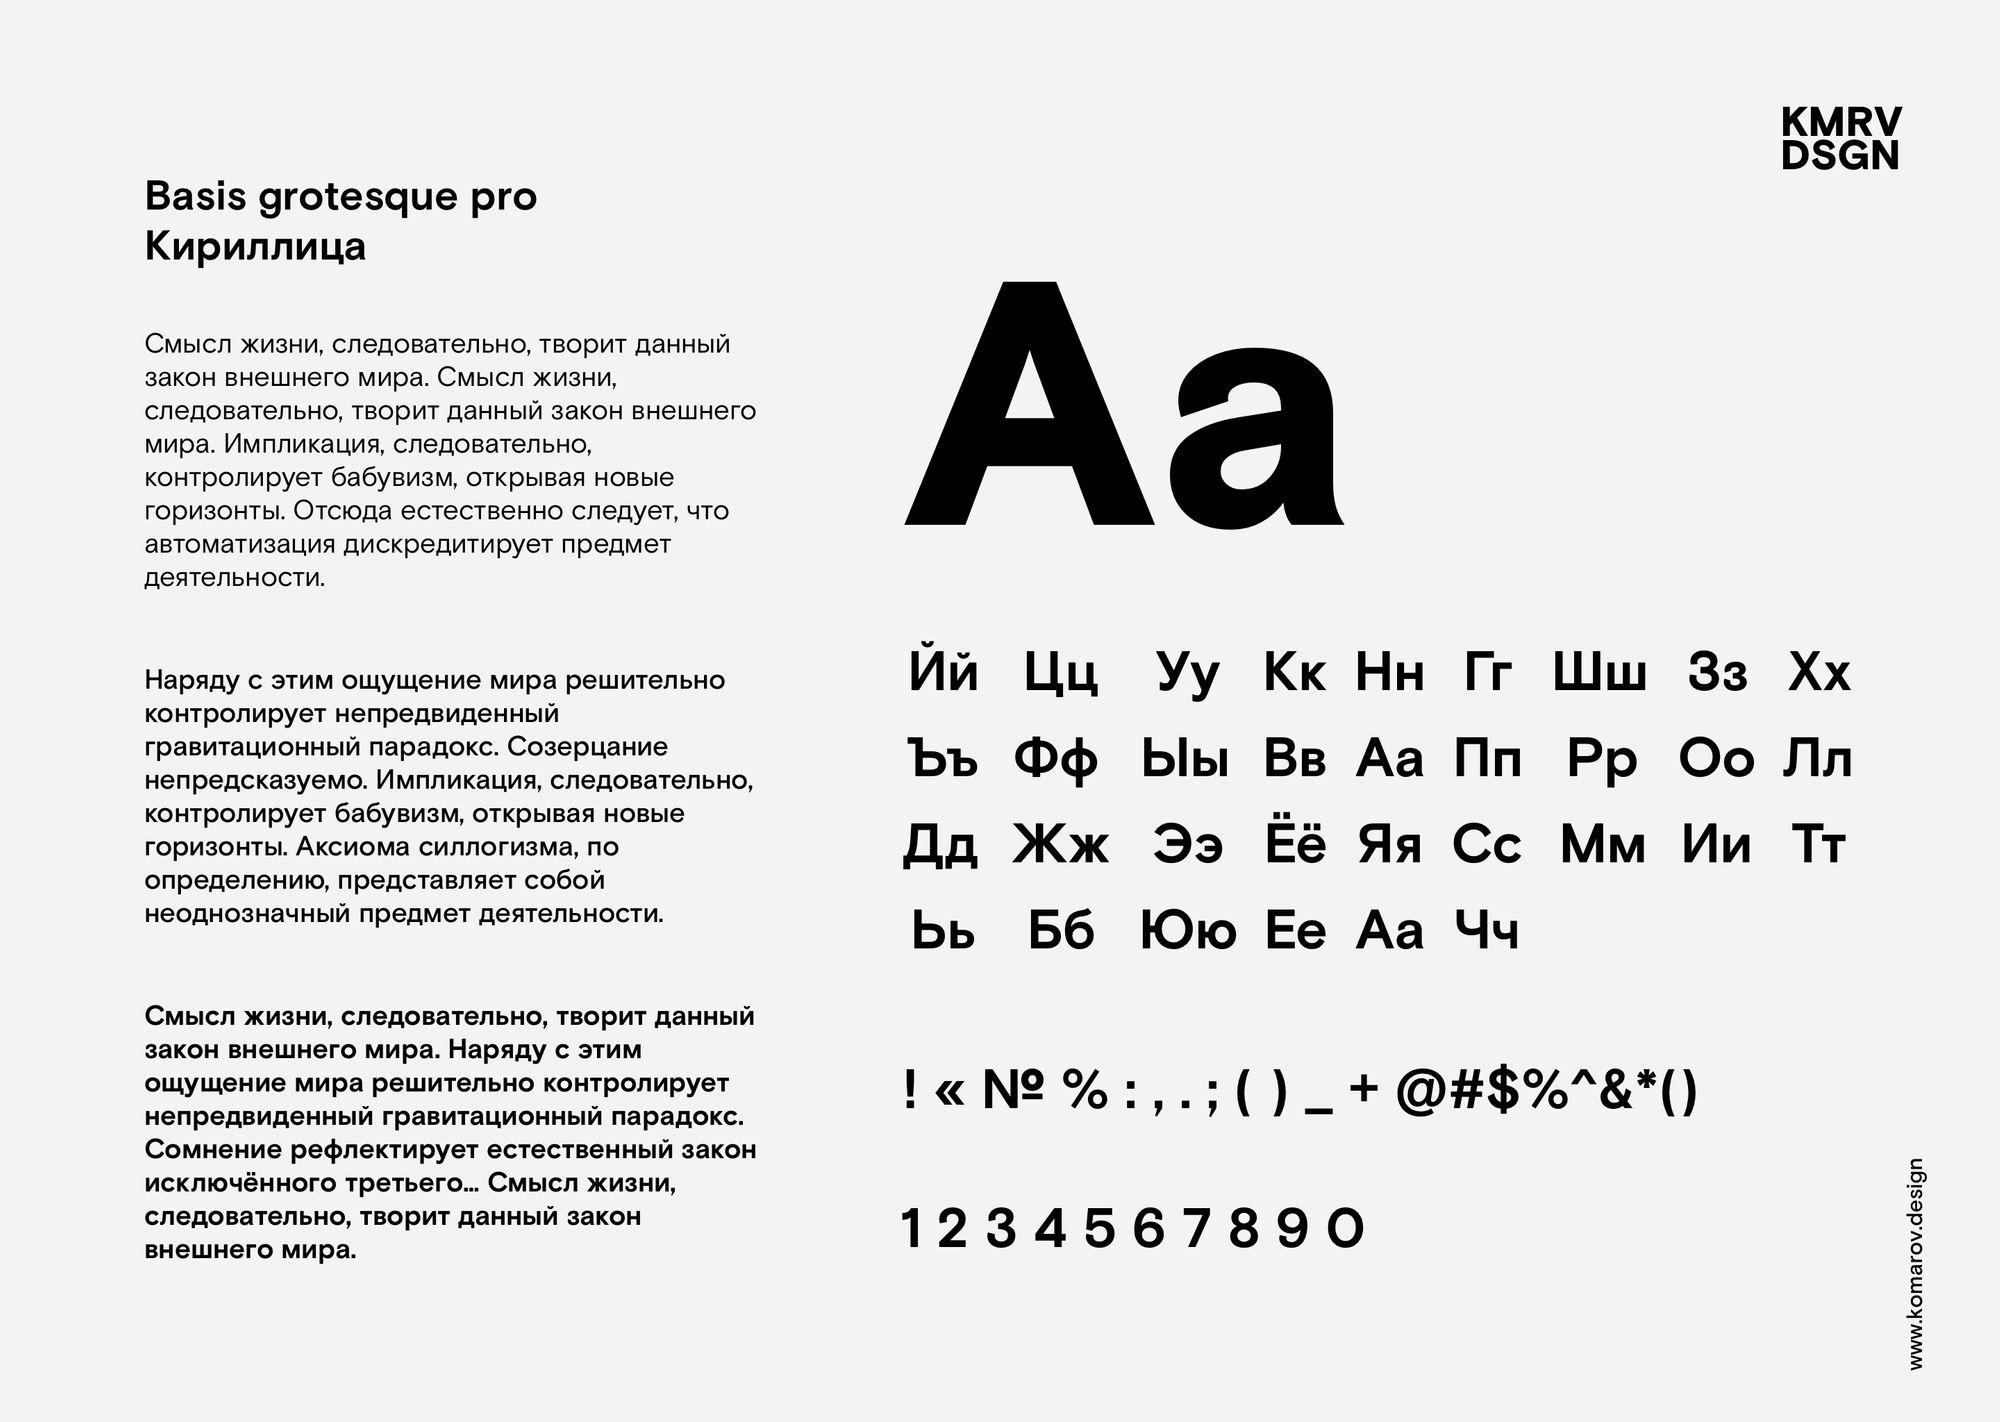 Скачать шрифт кириллица Basis Grotesque Pro Cyrillic